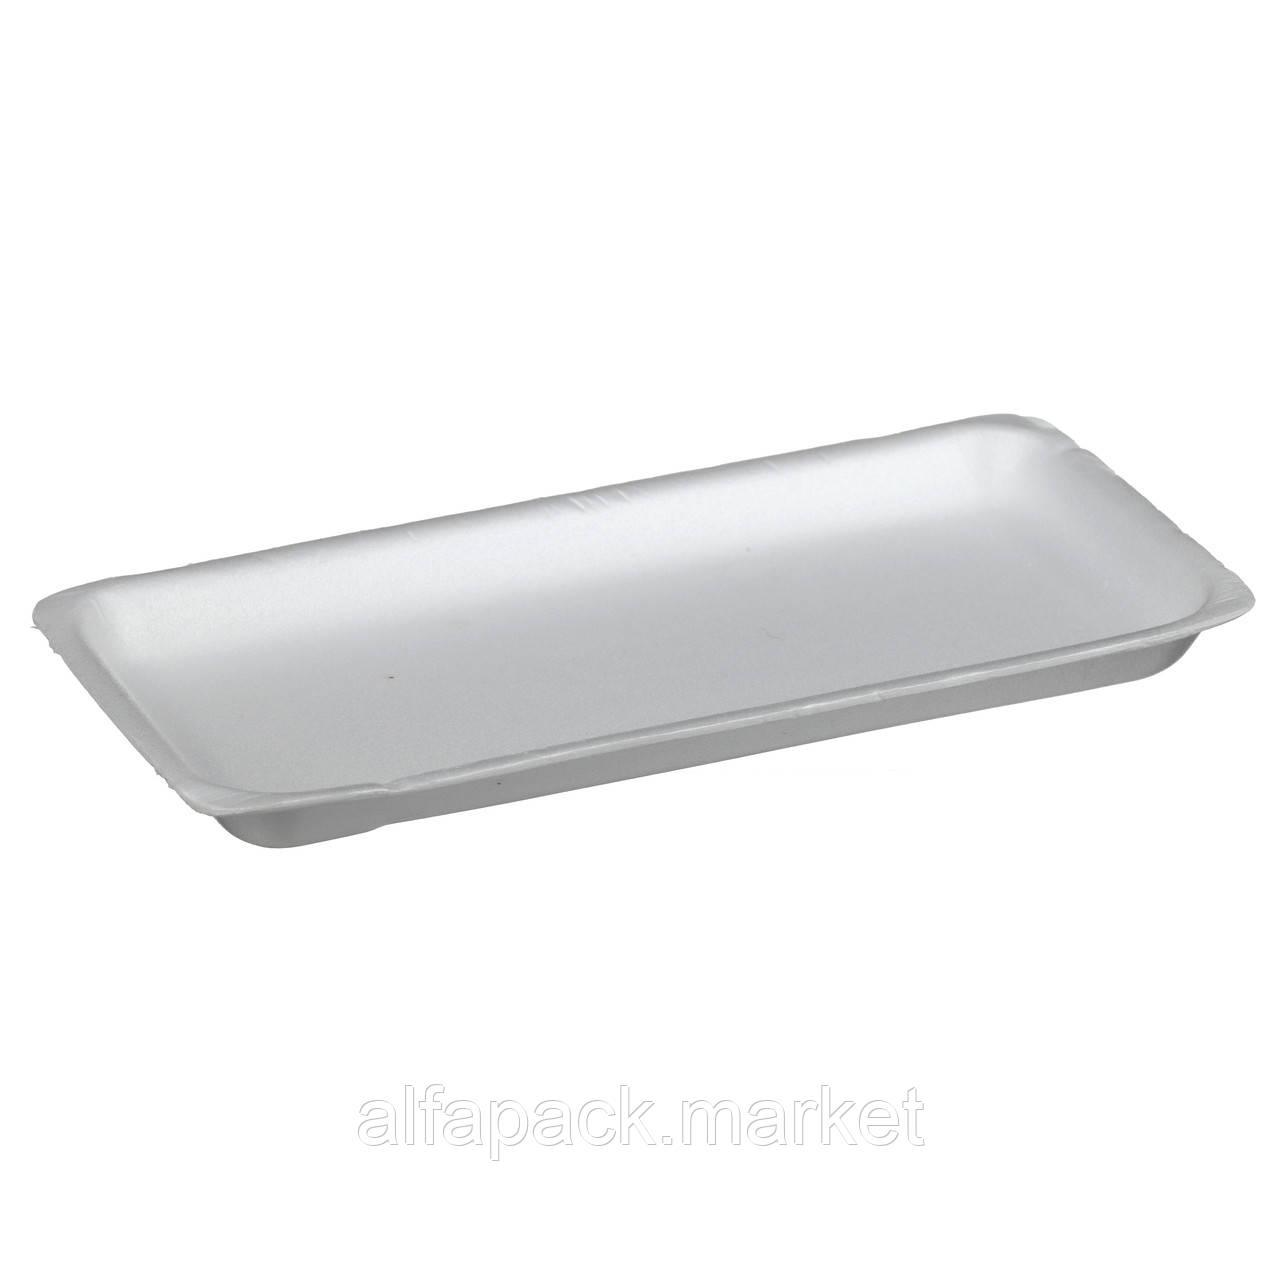 Подложка Н-2 белая, 270*135*20 (150 шт в упаковке)